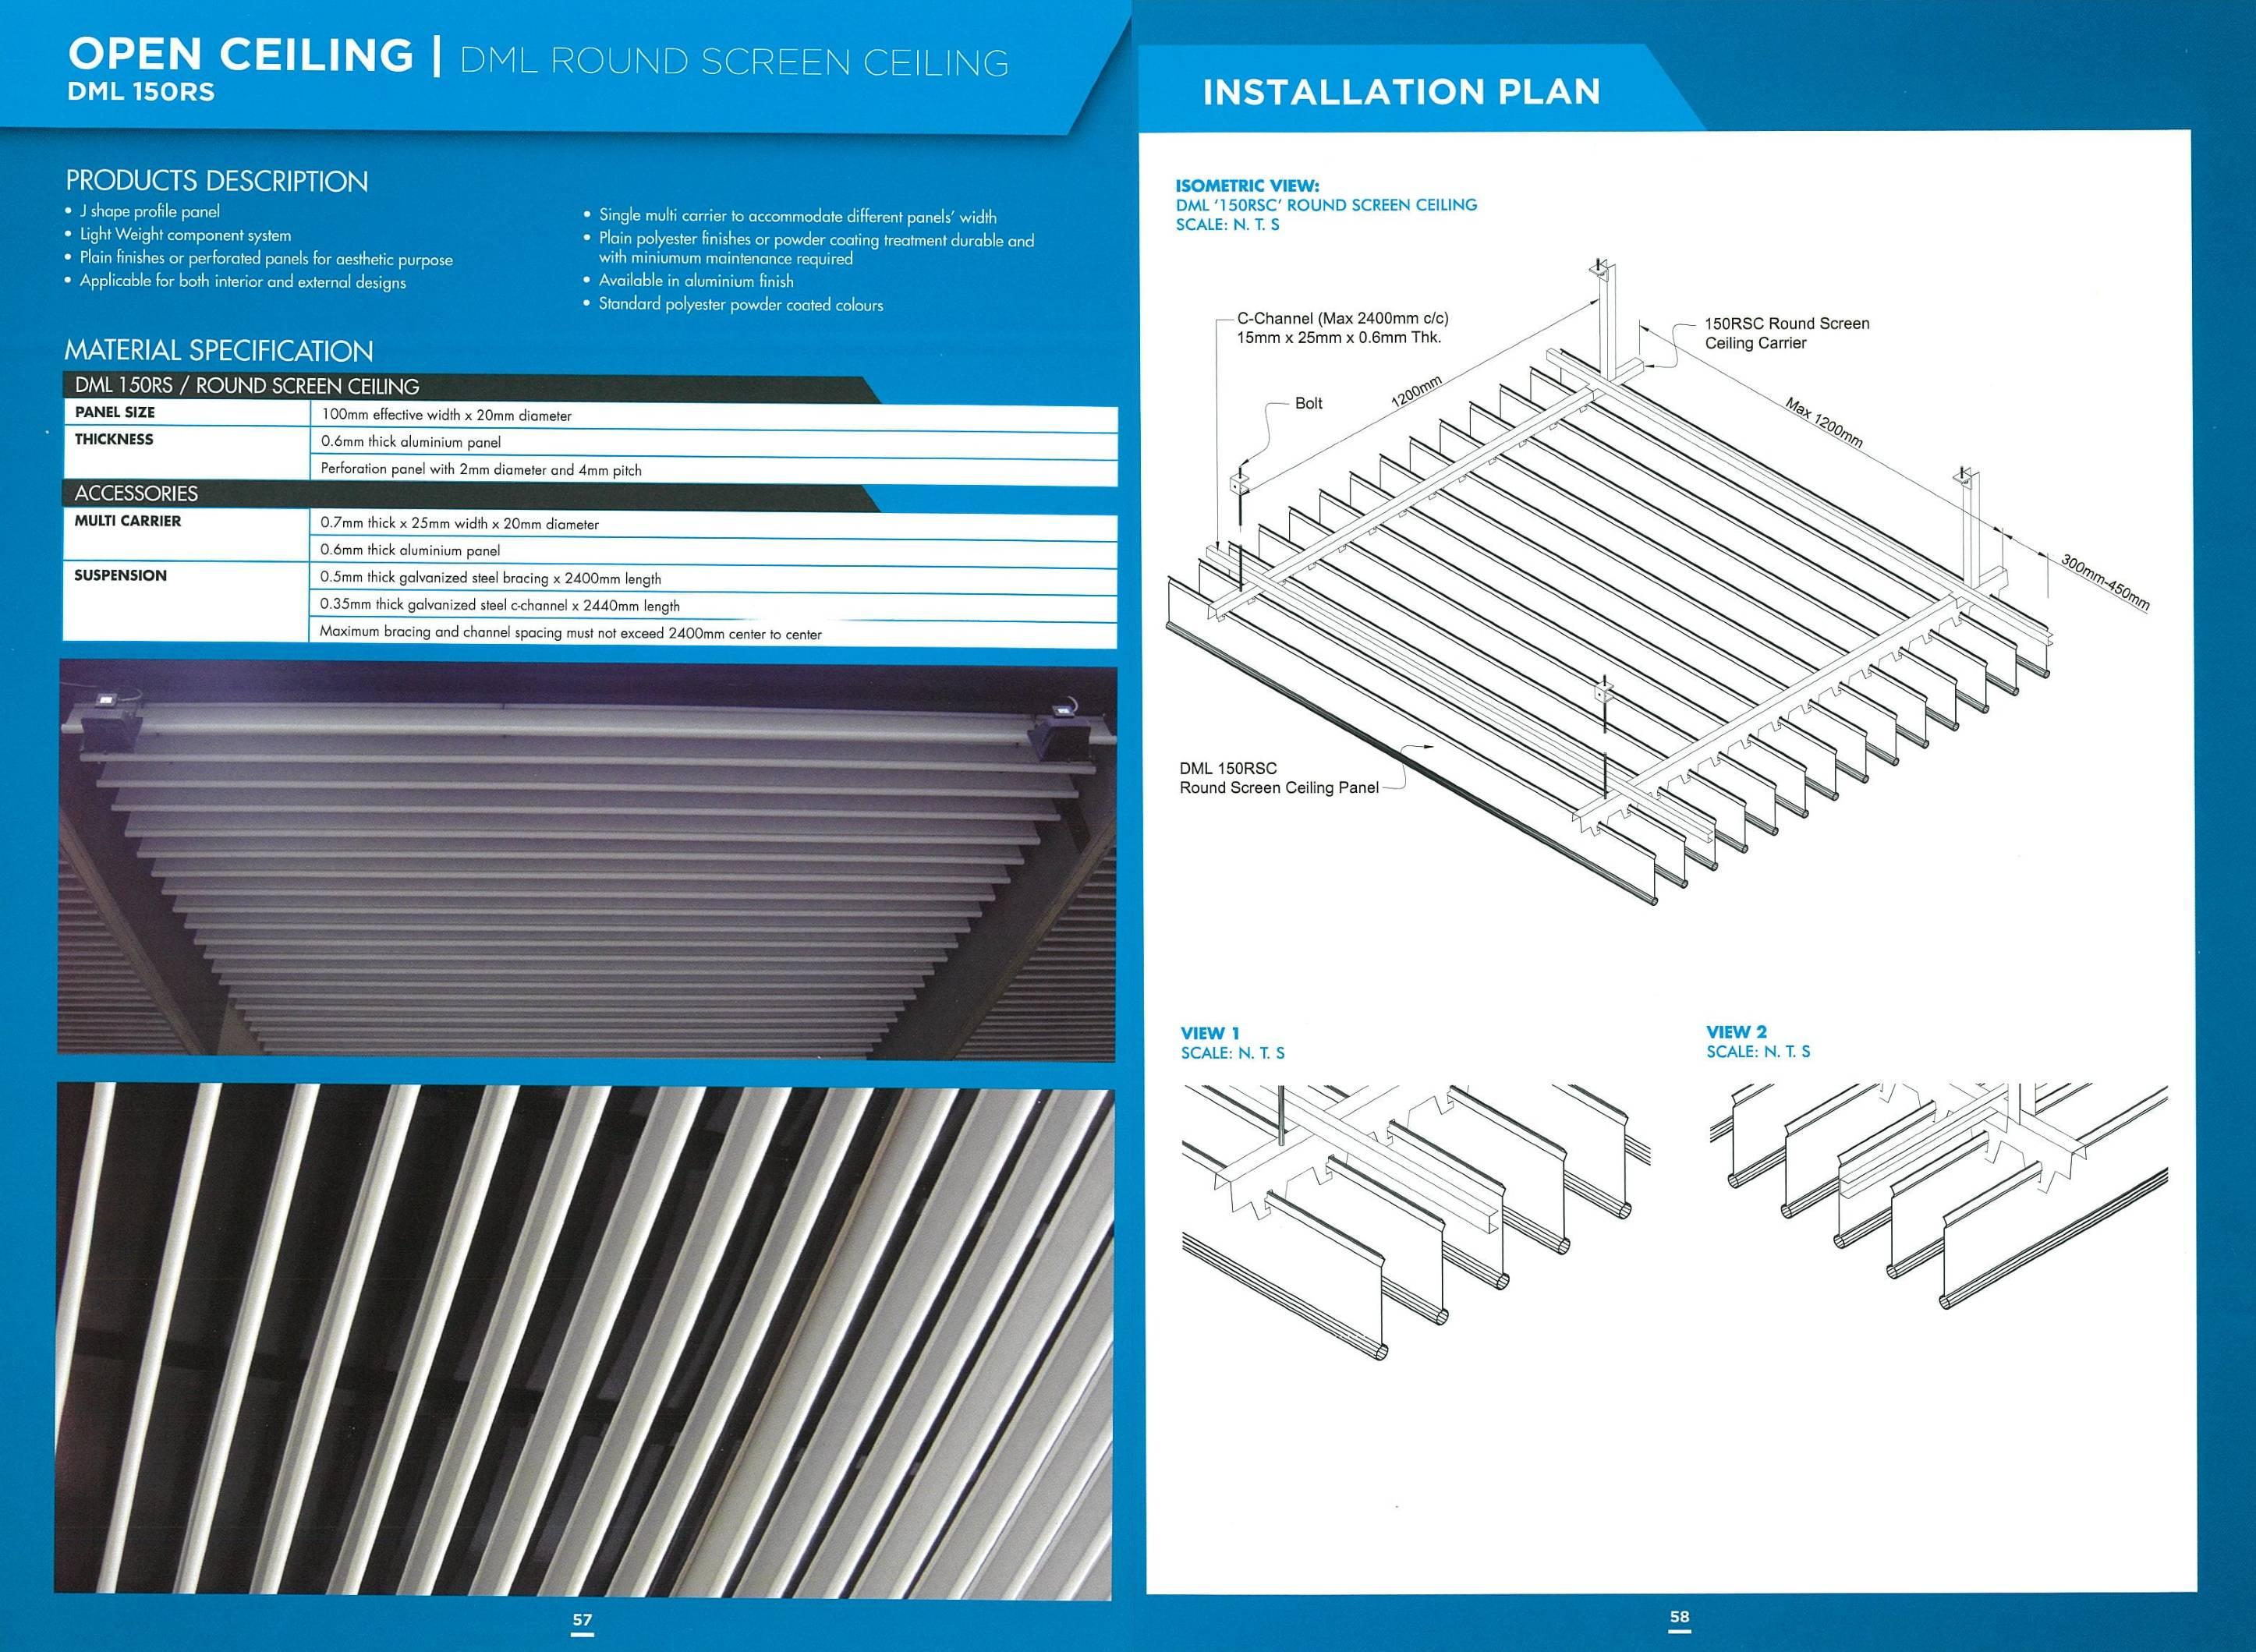 DML 150RS Round Screen Ceiling | Aluminium Open Ceiling